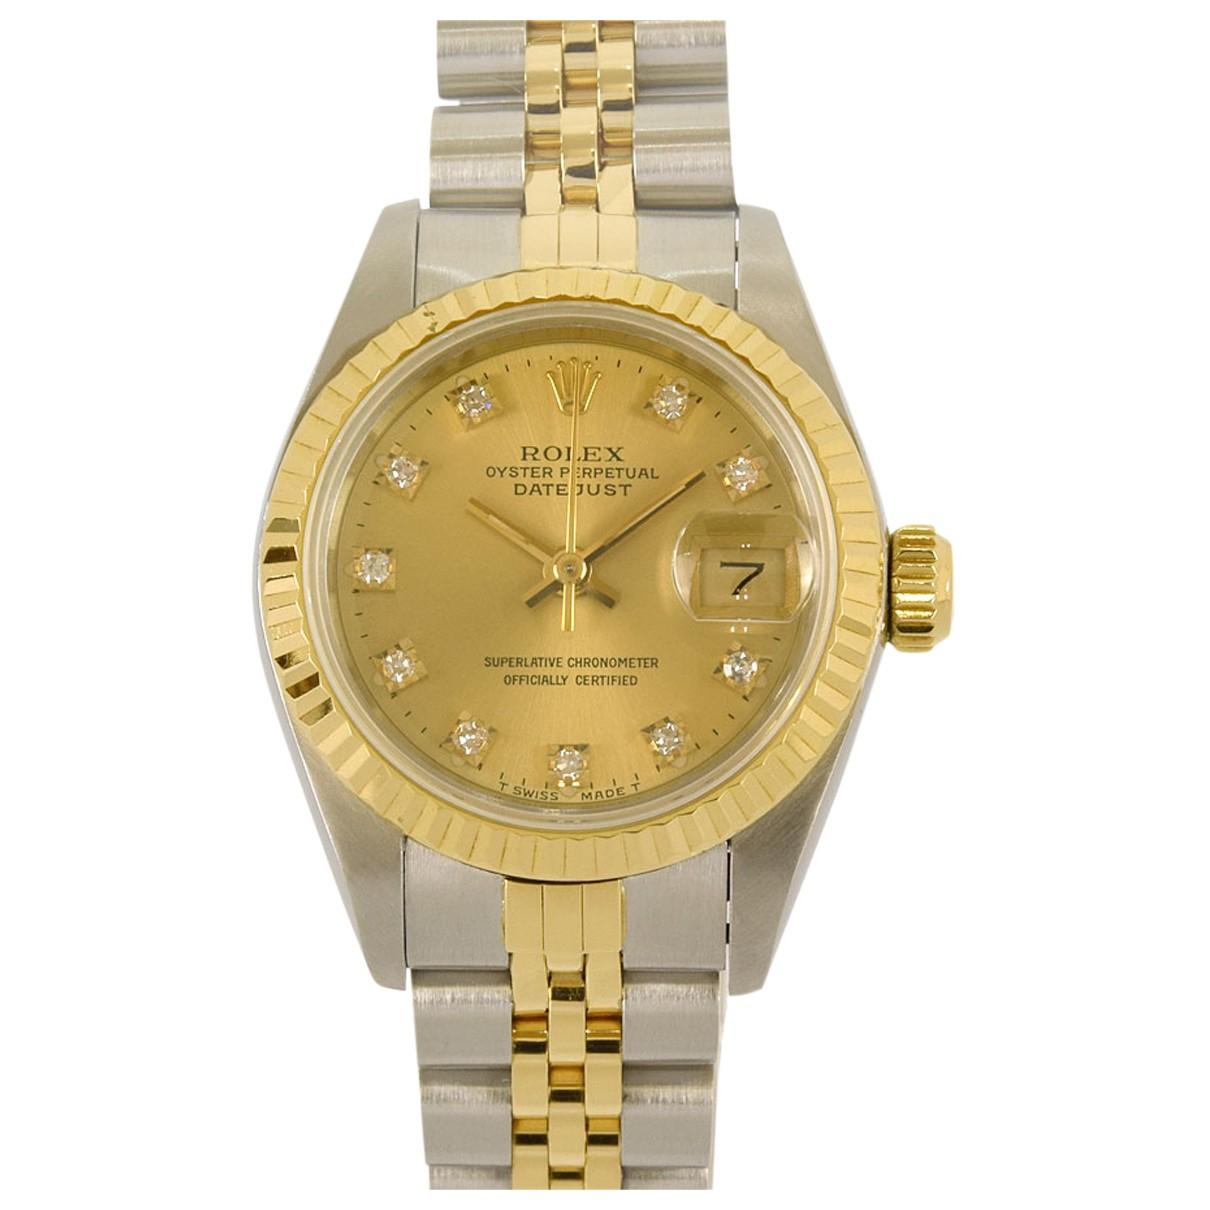 Reloj Datejust 26mm Rolex